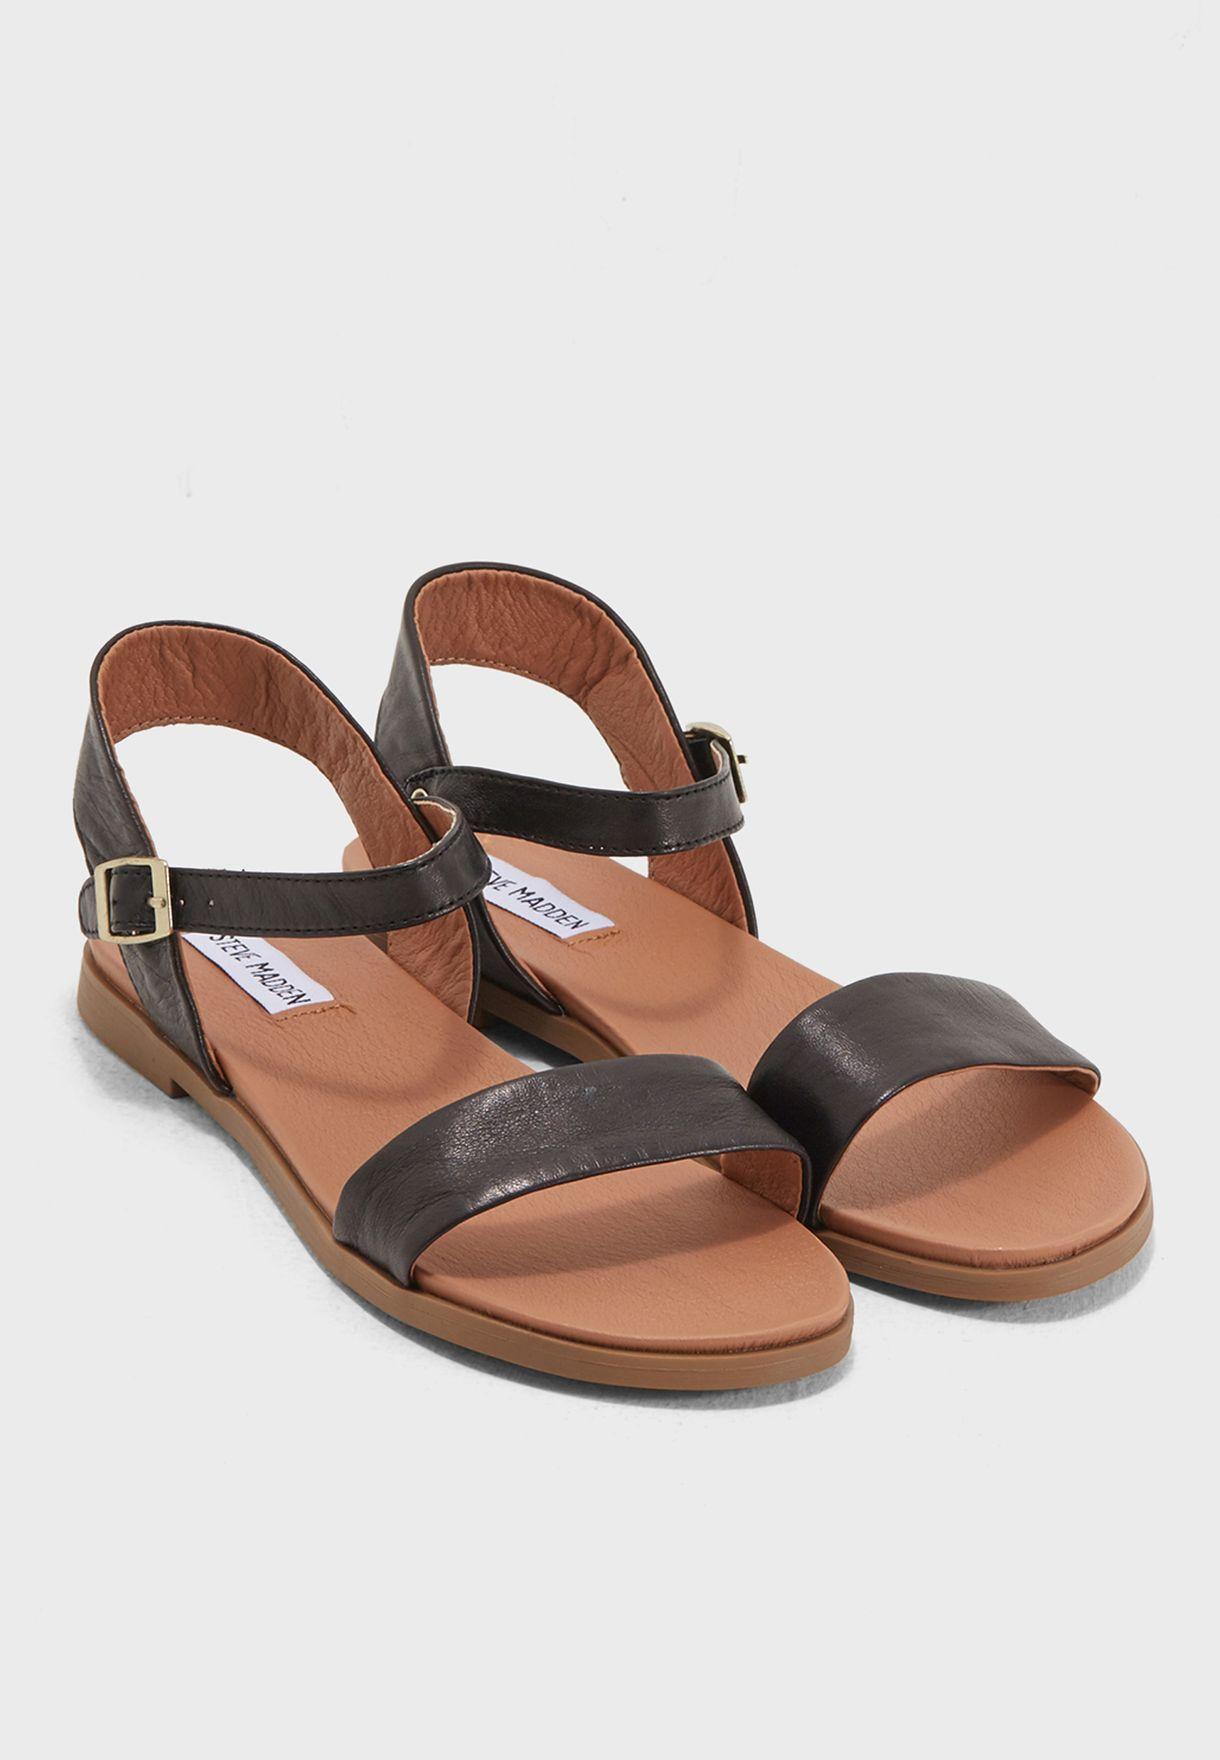 efb8e966aad7 Shop Steve Madden black Dina Flat Sandals DINA for Women in UAE ...